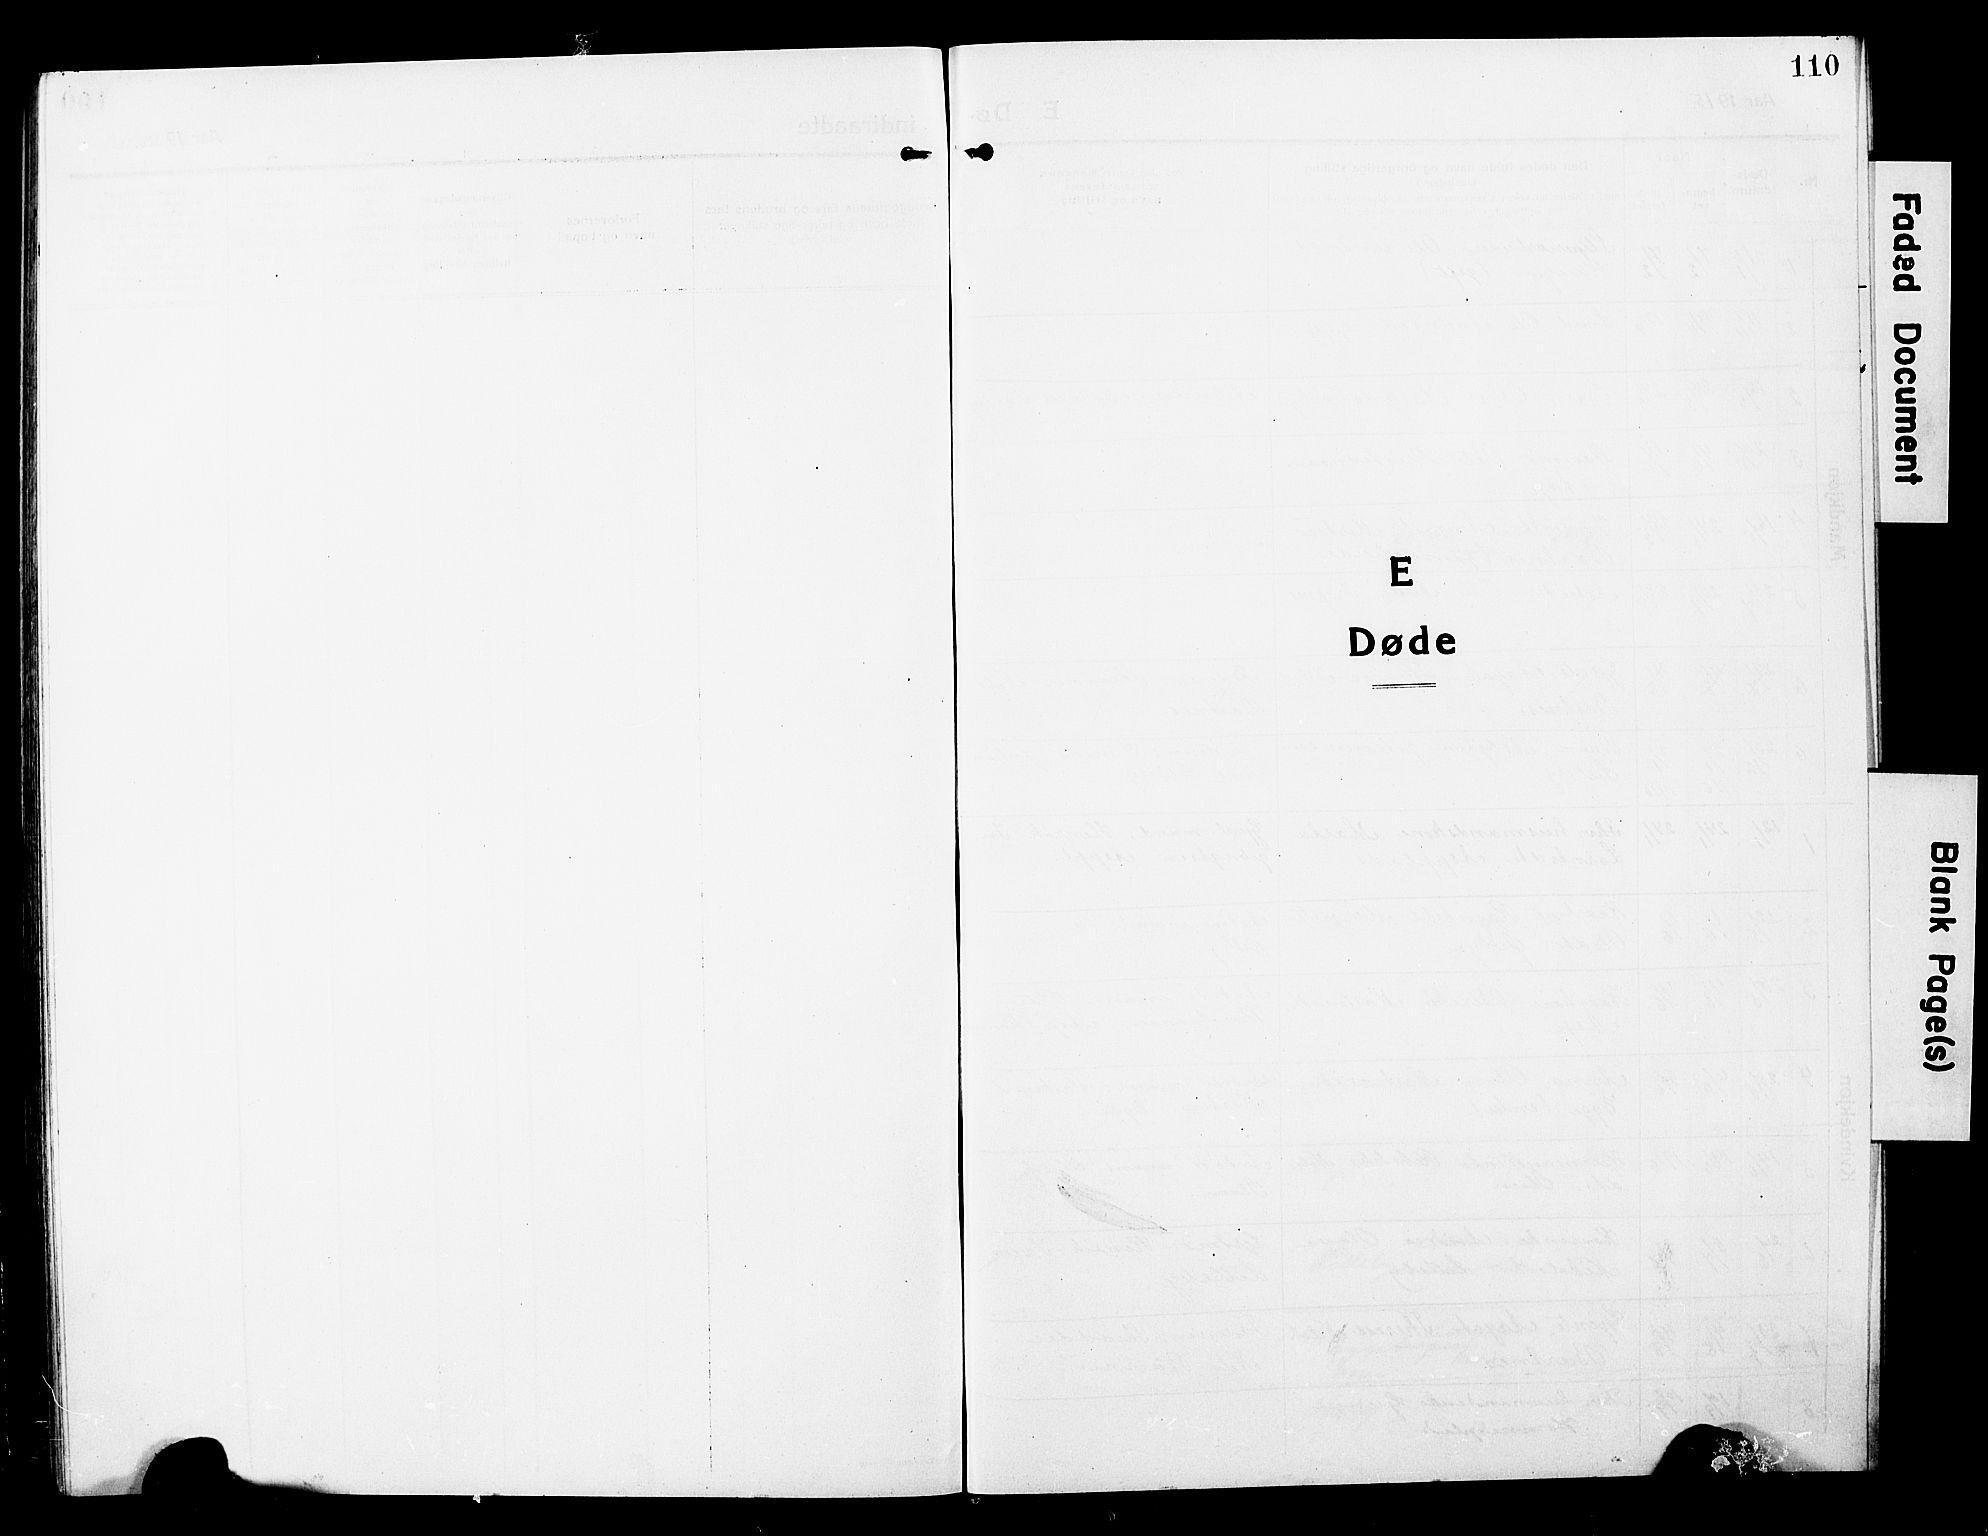 SAT, Ministerialprotokoller, klokkerbøker og fødselsregistre - Nord-Trøndelag, 740/L0382: Klokkerbok nr. 740C03, 1915-1927, s. 110